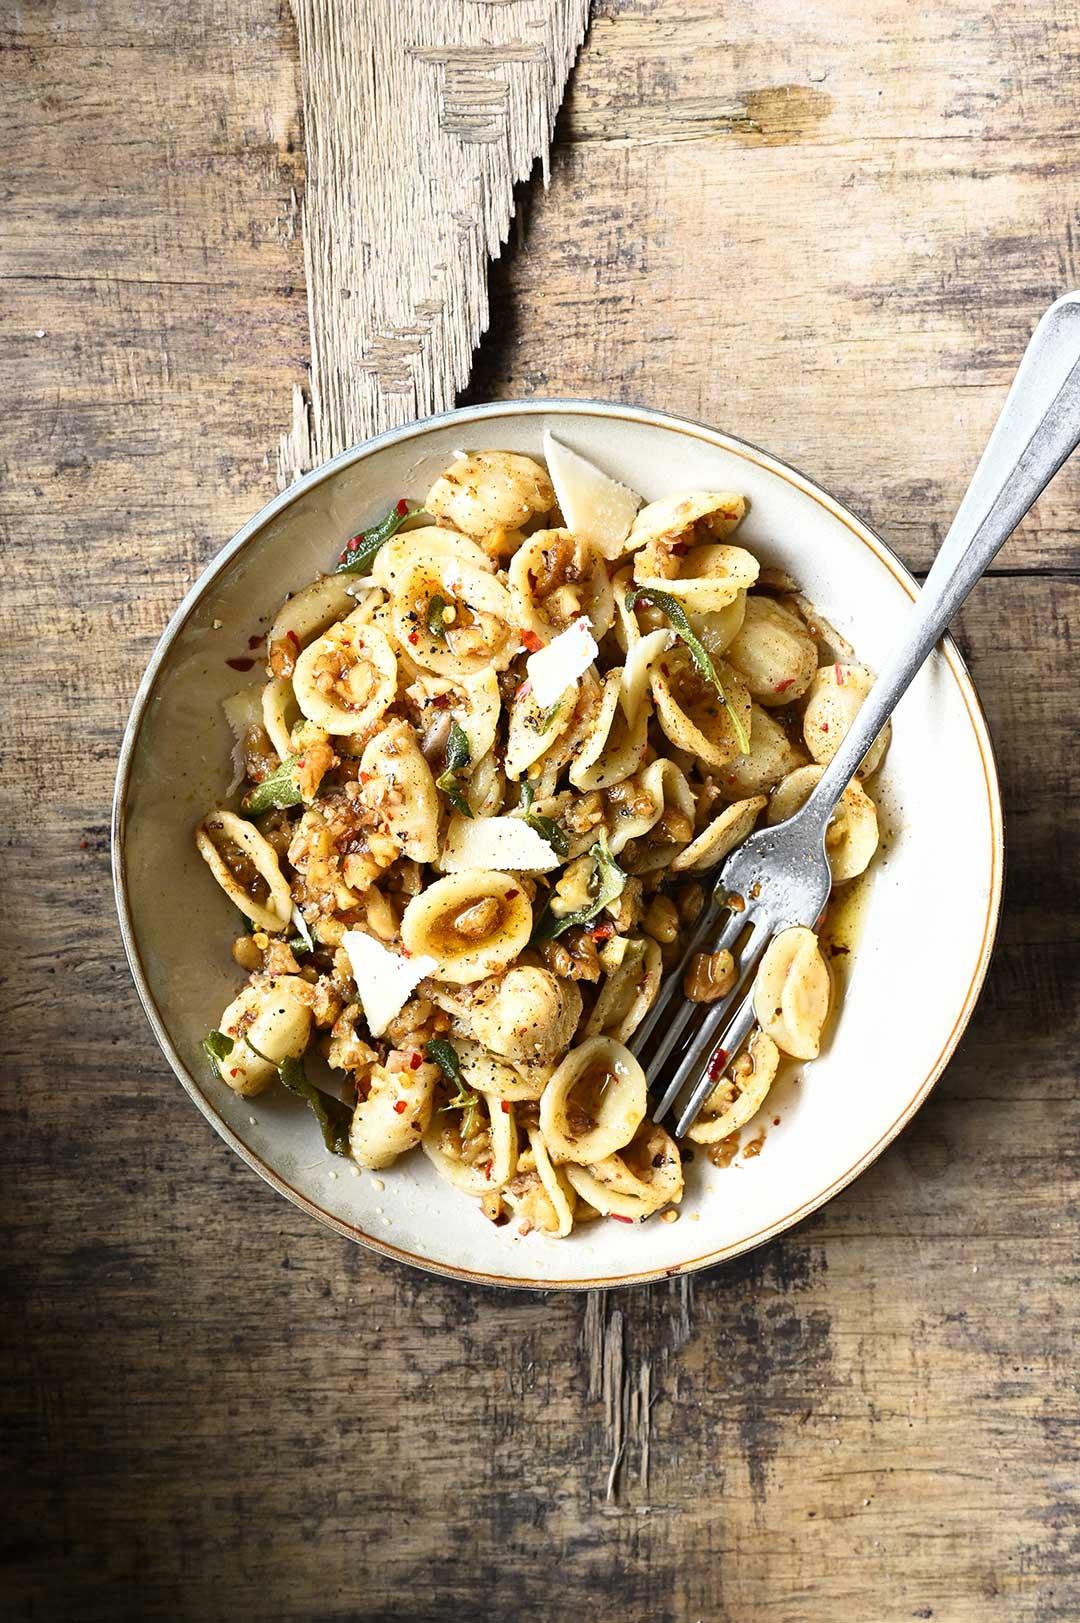 serving dumplings | Orecchiette z palonym masłem, orzechami i szałwią